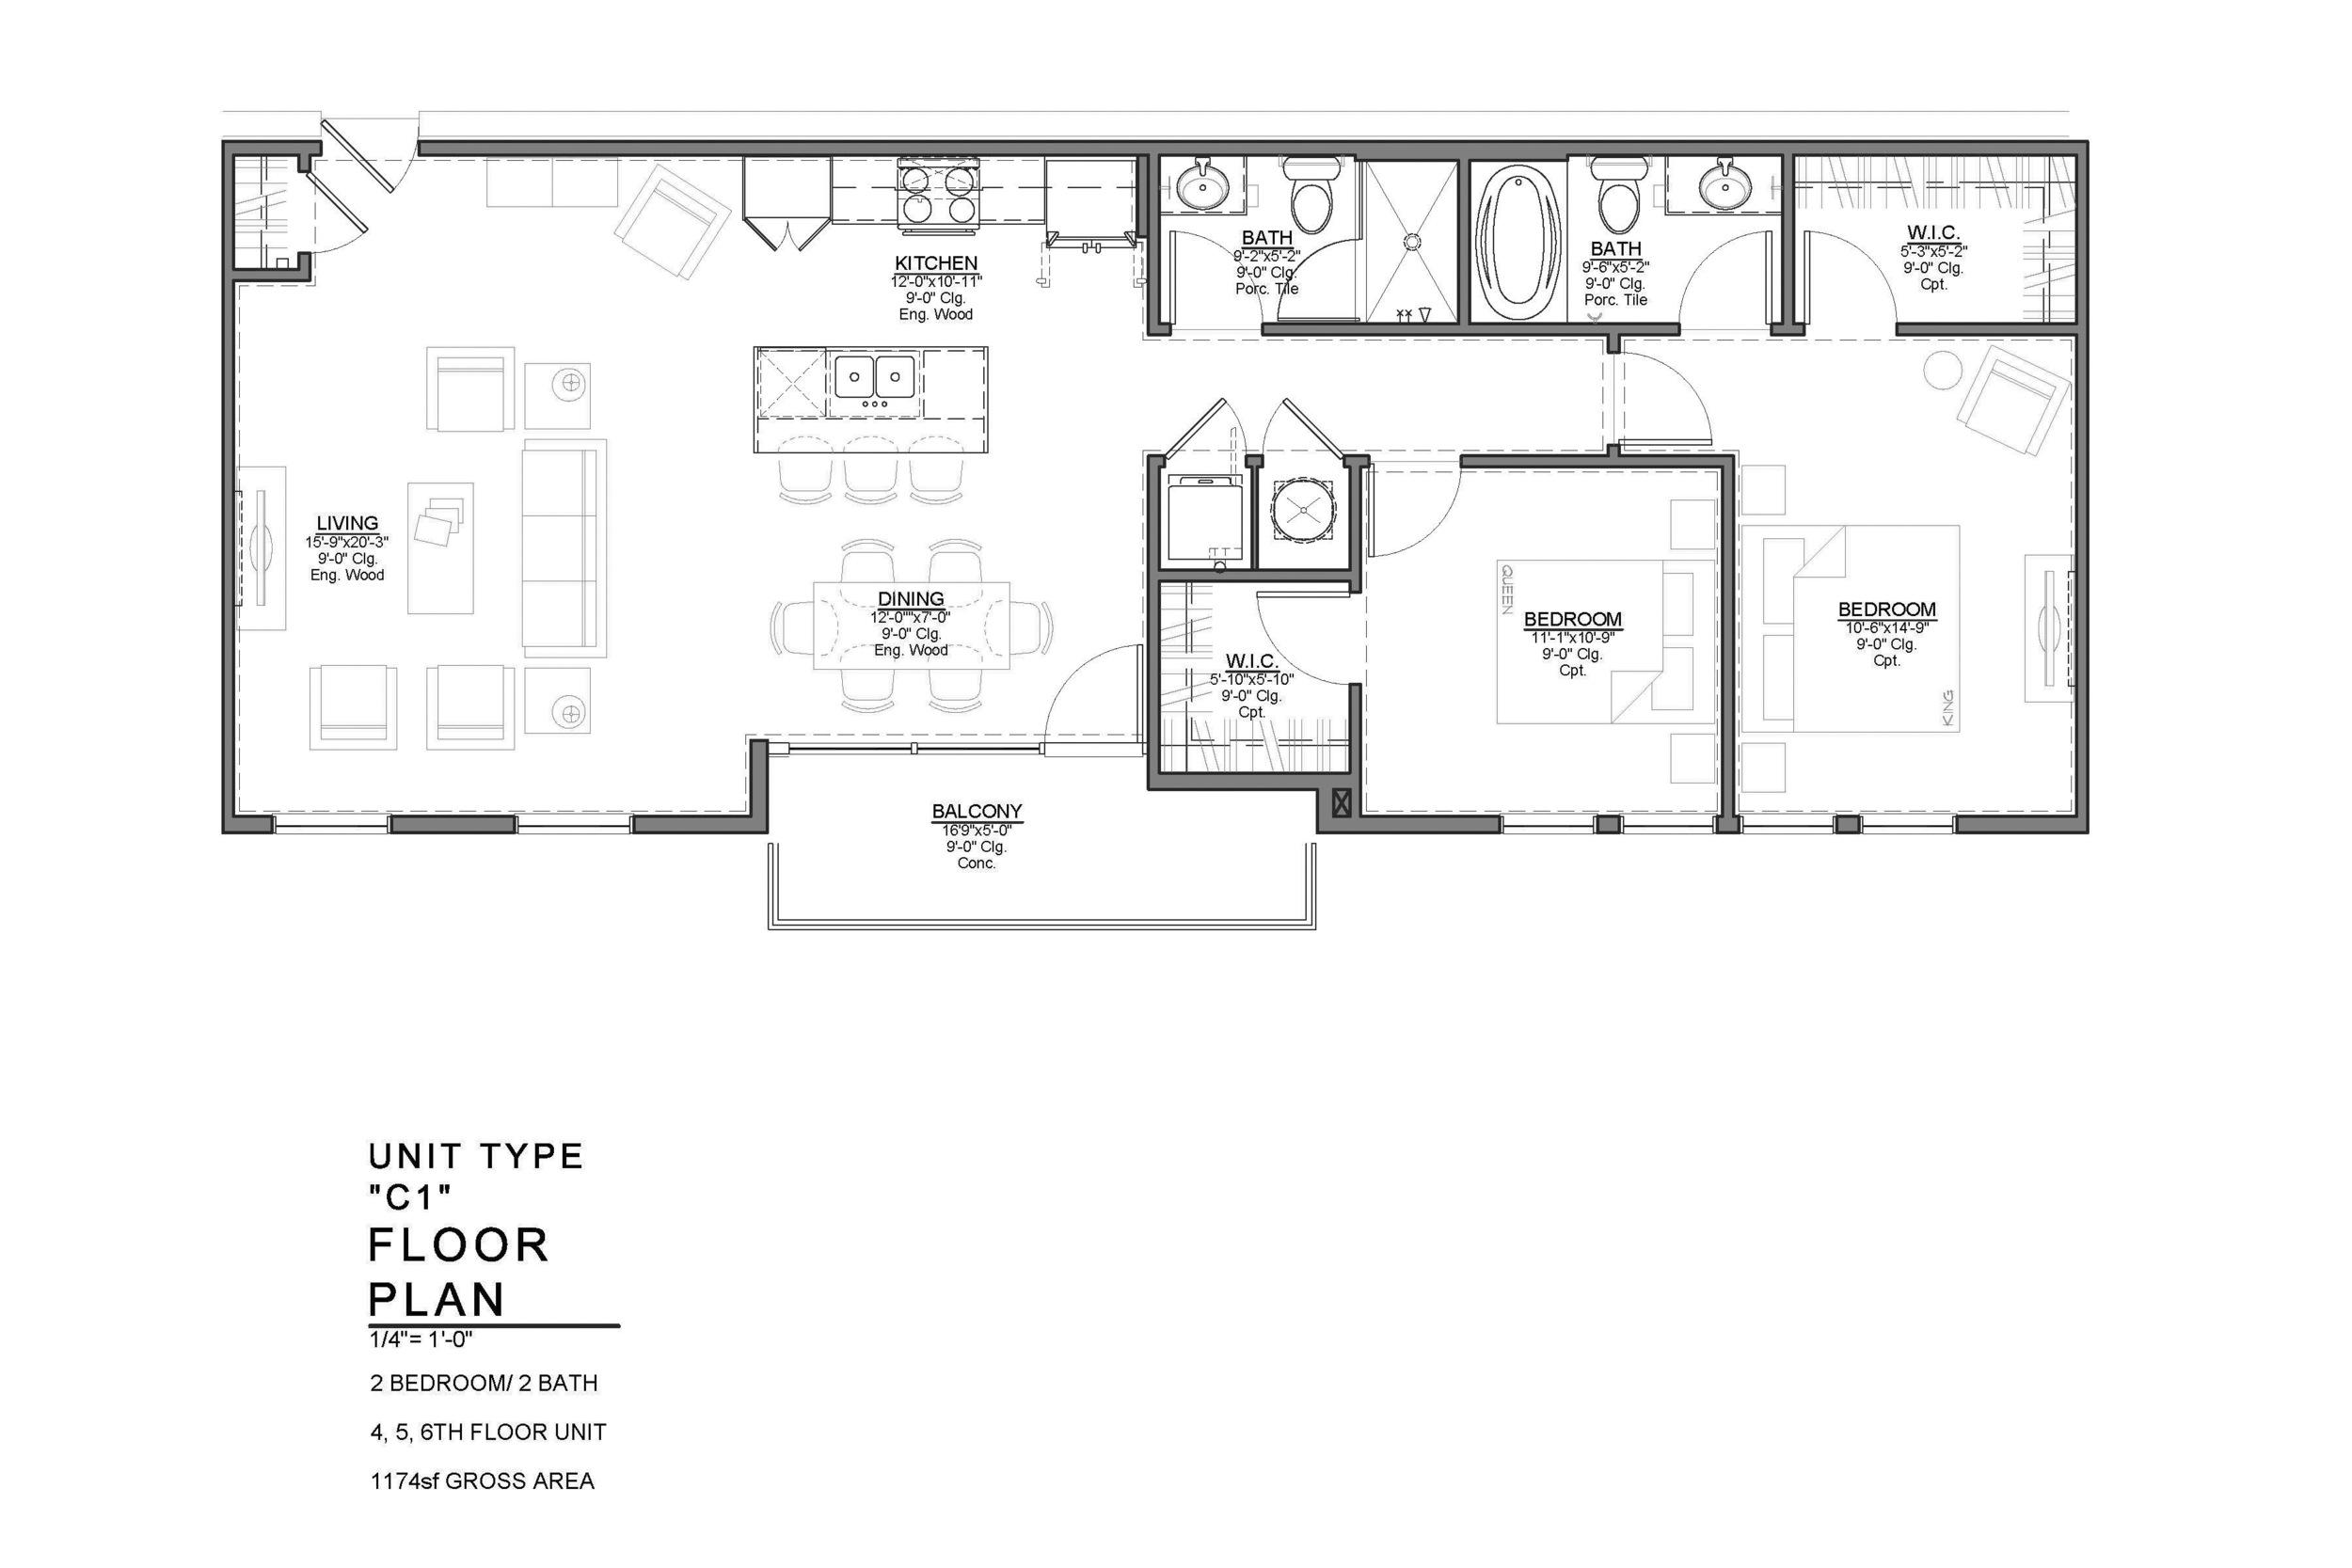 C1 FLOOR PLAN: 2 BEDROOM / 2 BATH